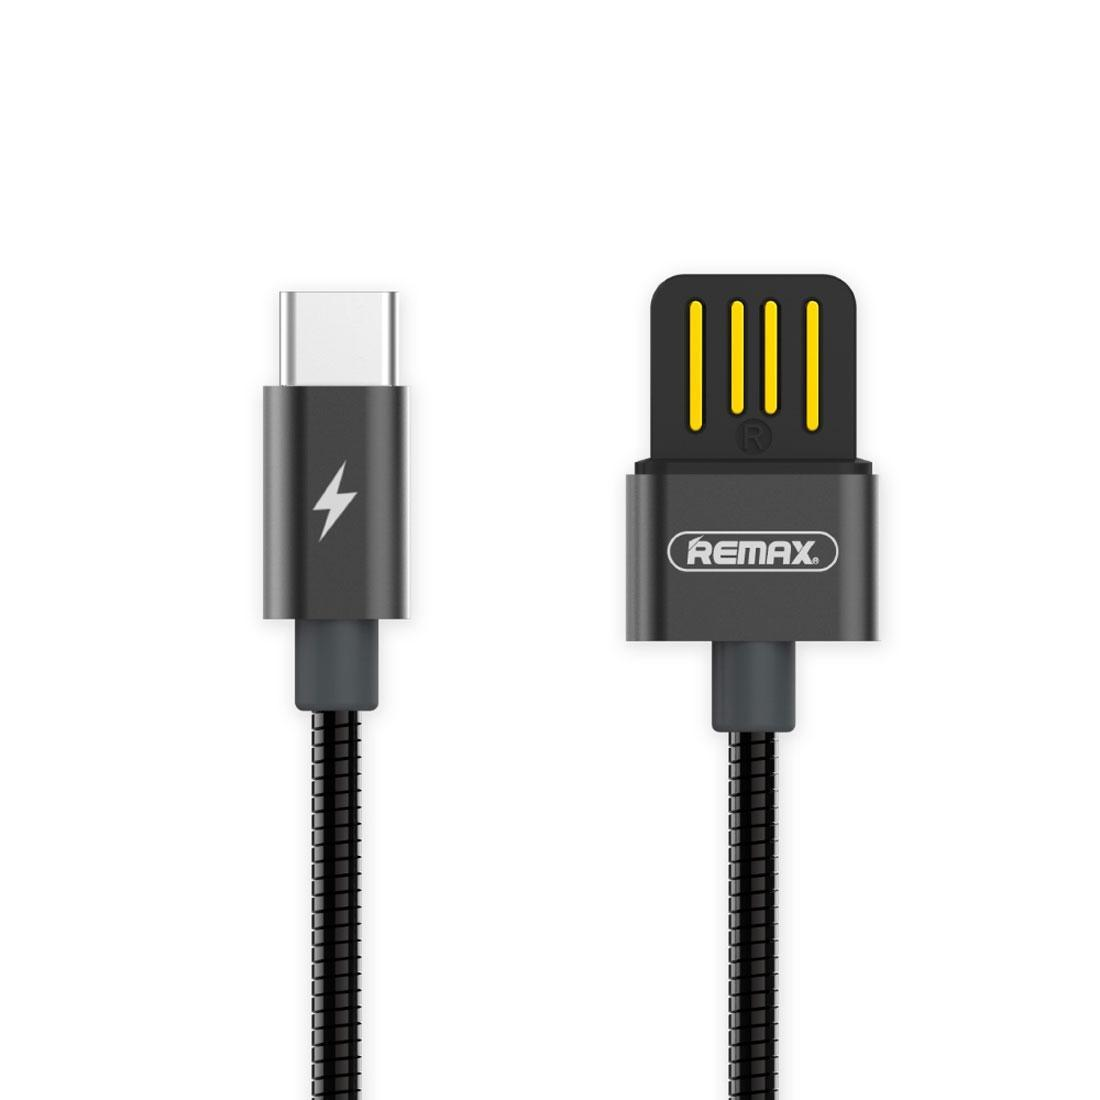 REMAX RC-080A 1m USB vers USB-C Type-C Sync Câble pour Samsung Huawei Xiaomi LeTV Meizu Sony HTC et autres Smartphones